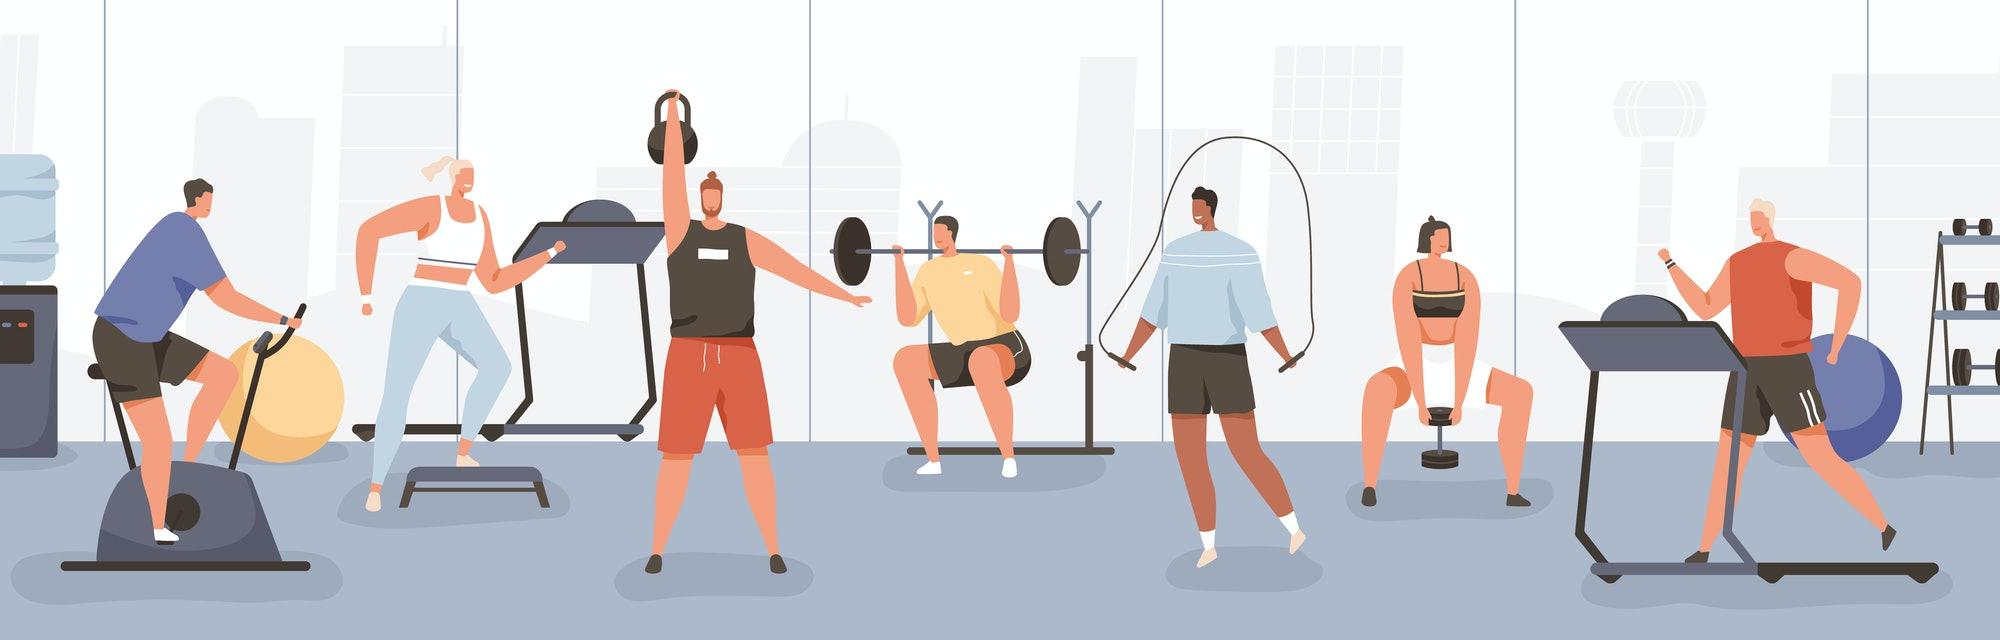 انواع مختلف ورزش و اهمیت تنوع در ورزش